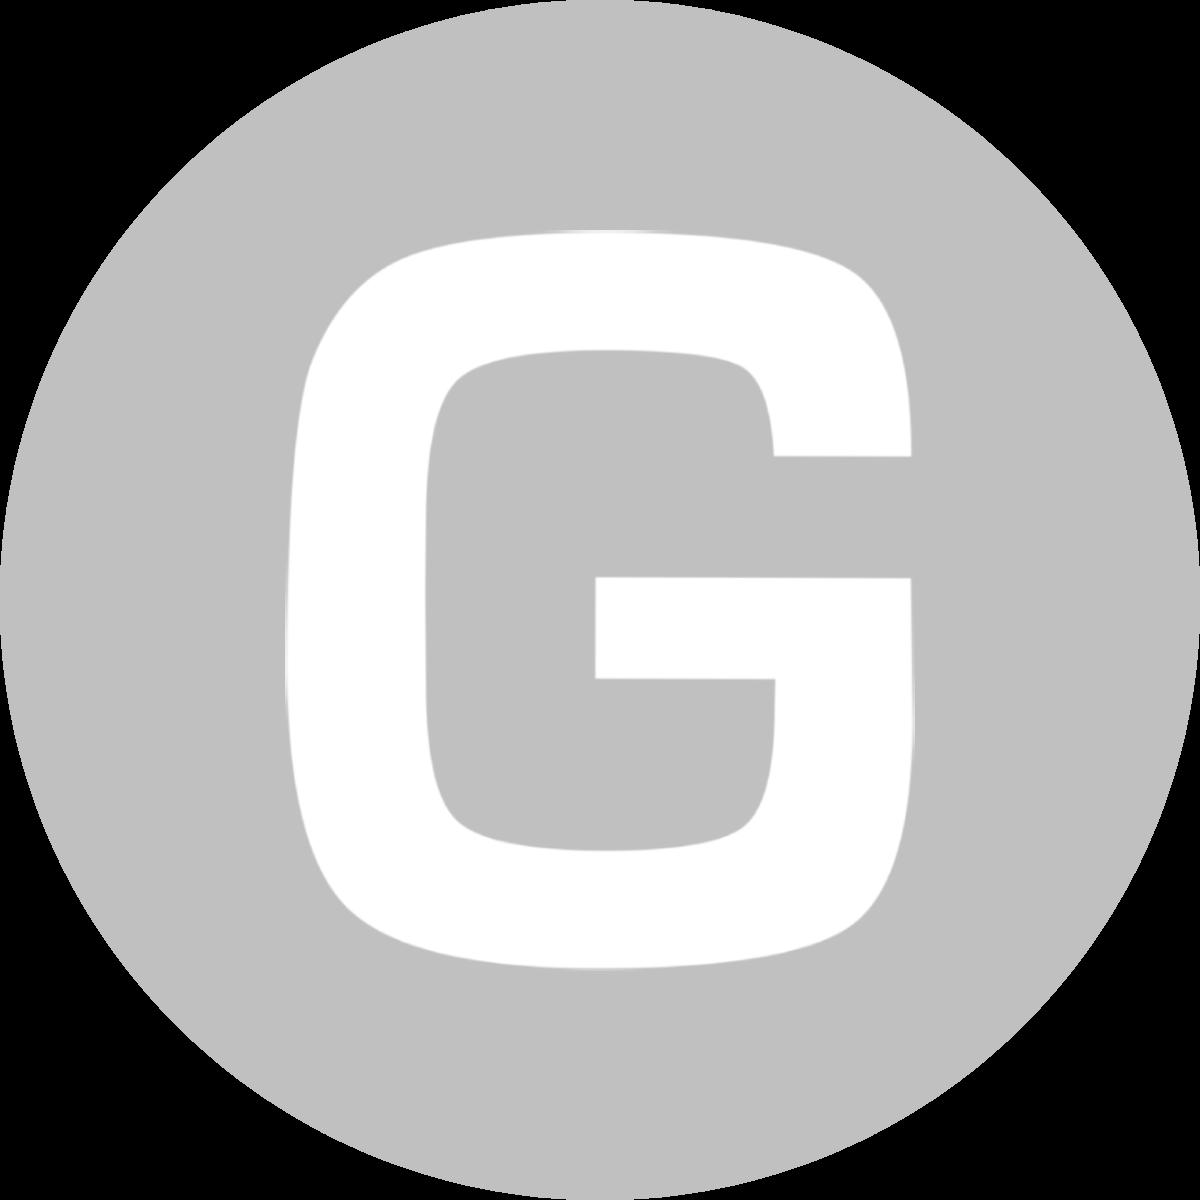 CR2 Batteri - Batteri til Laser